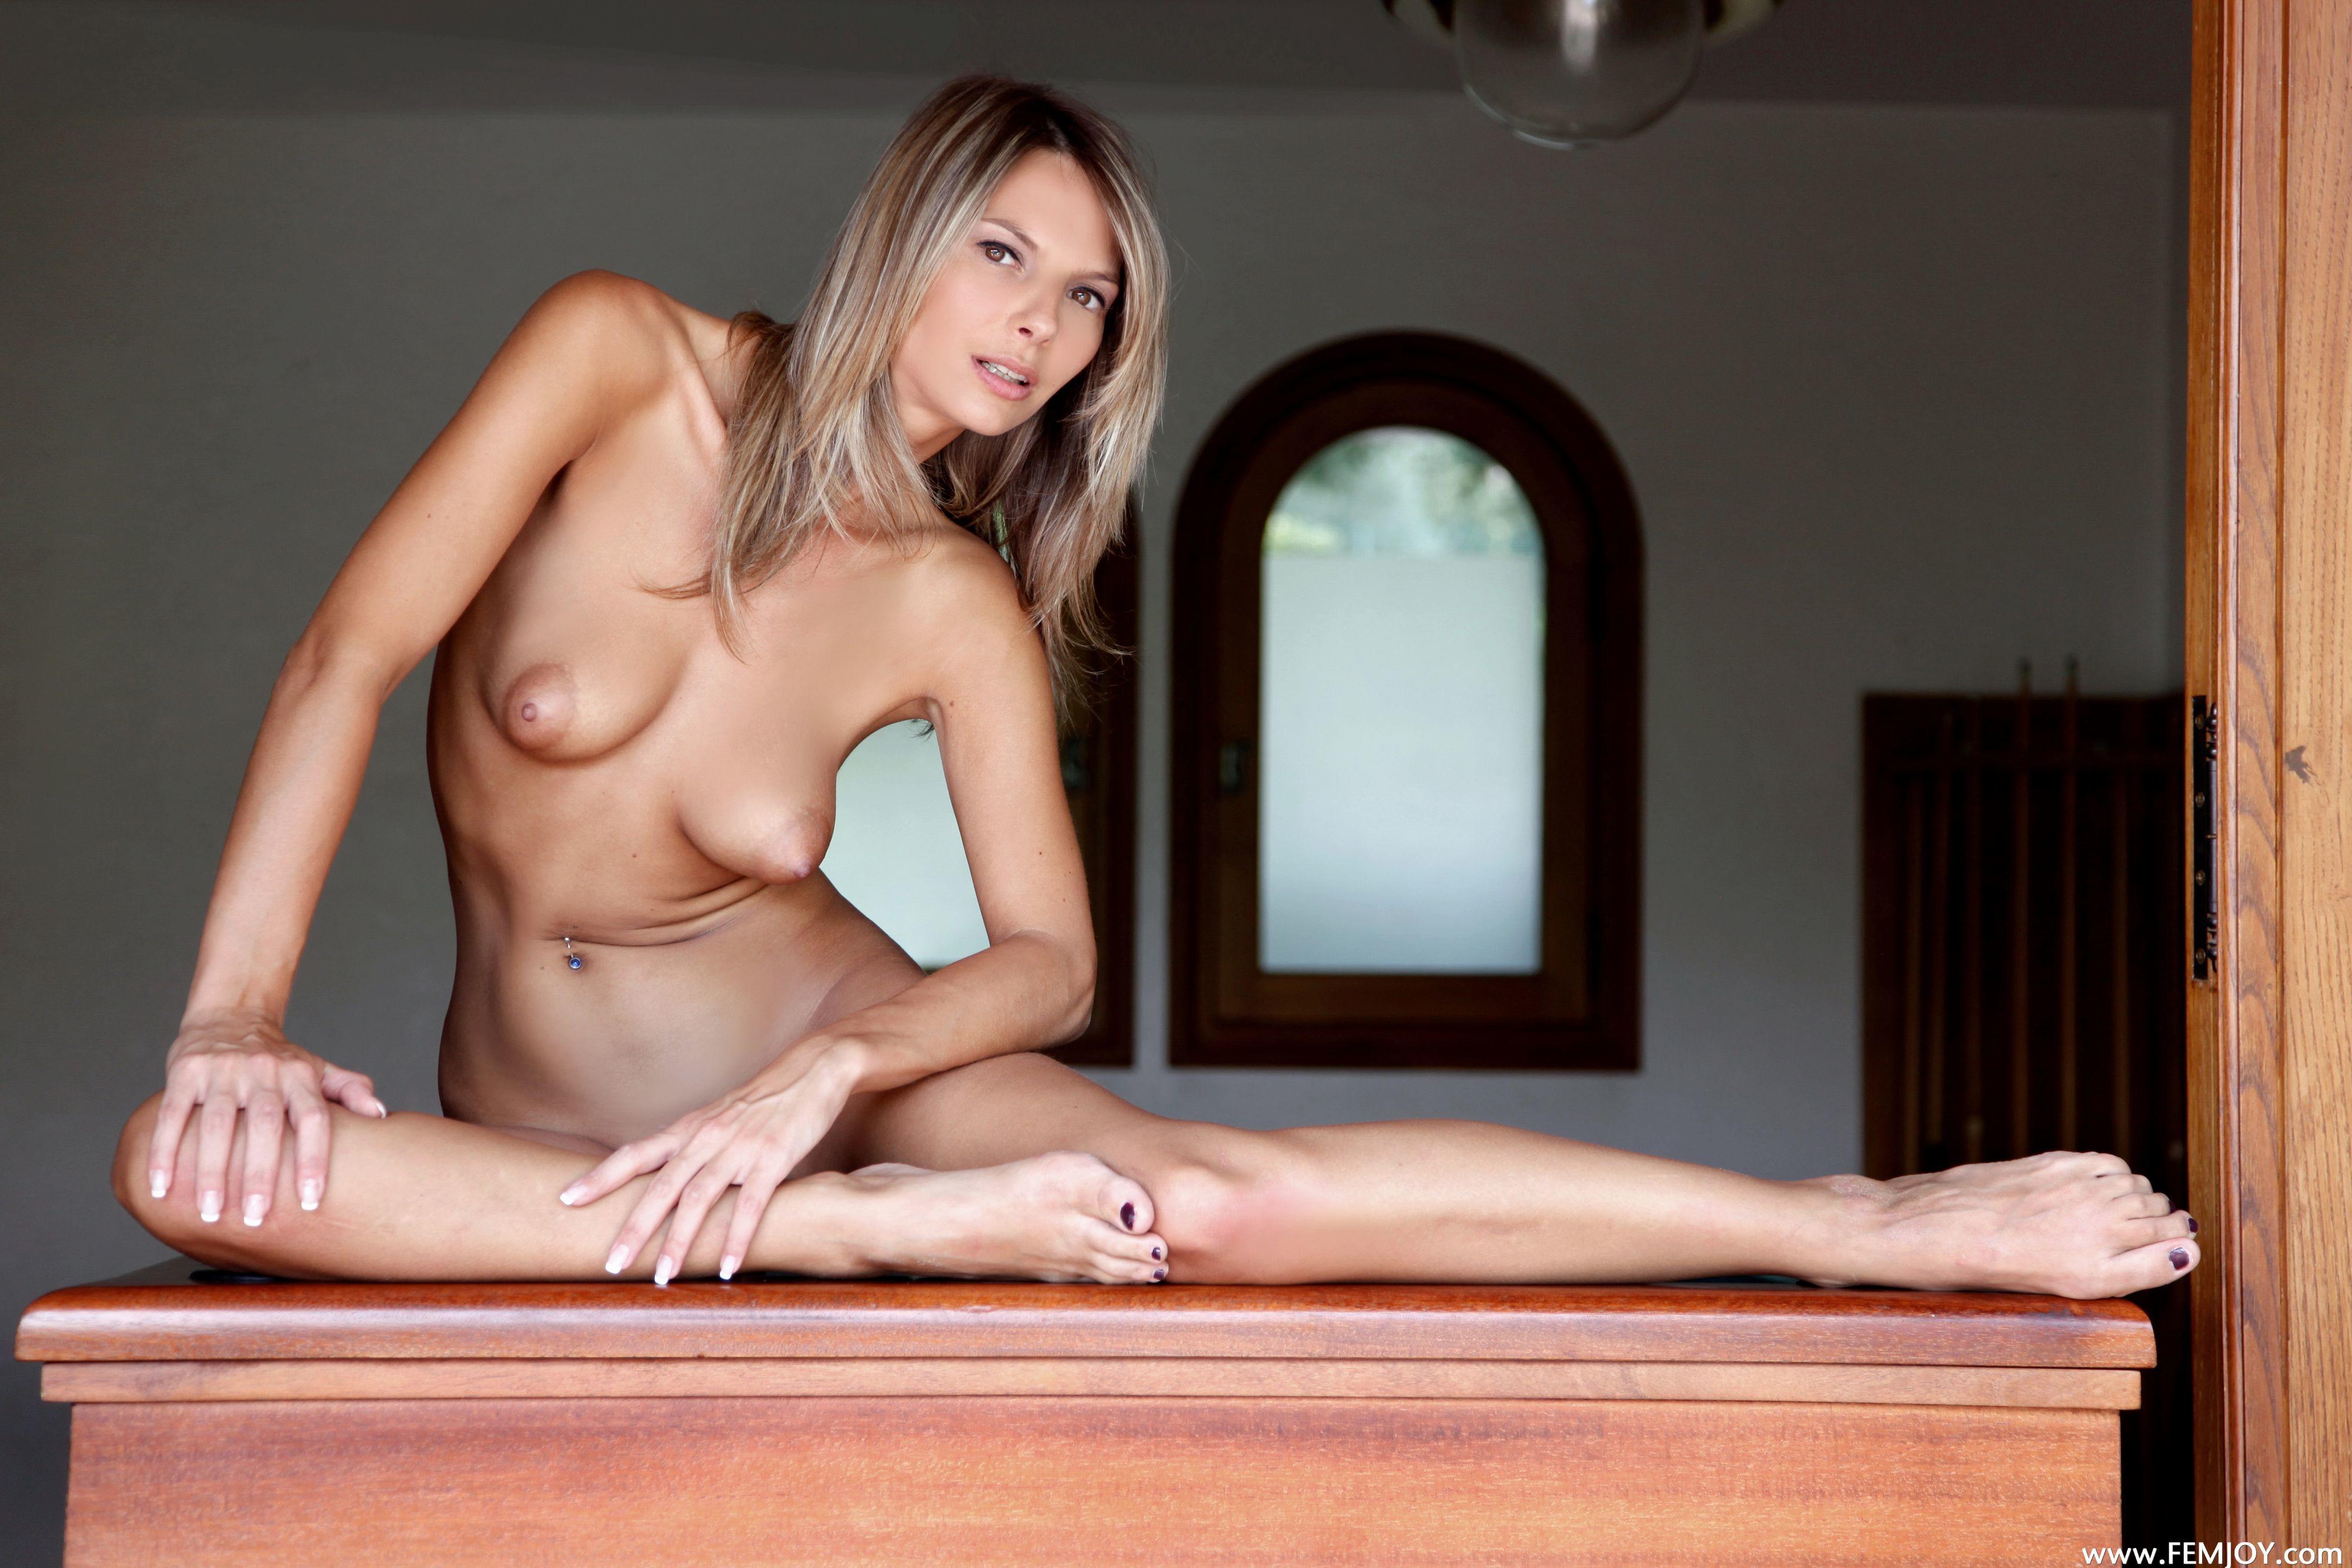 Фото ретро секс модели подборка  смотреть фото голых